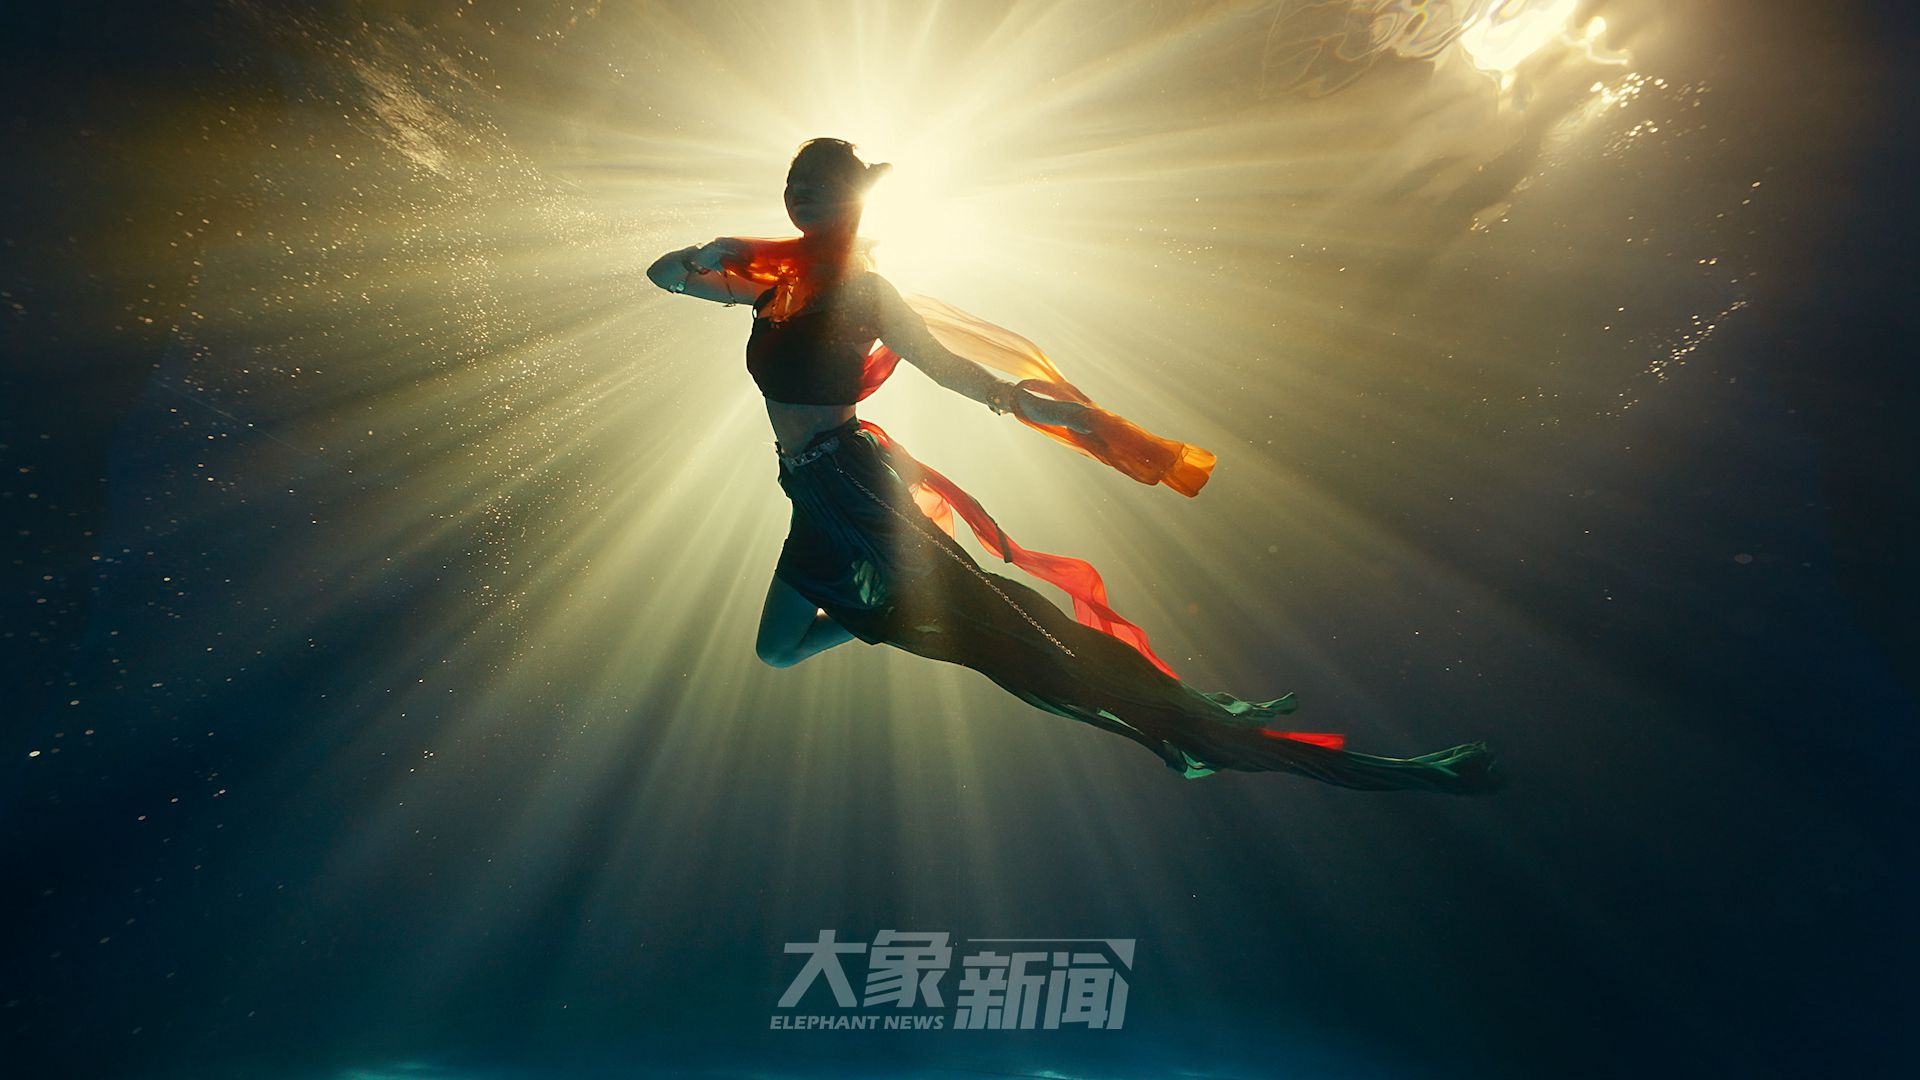 端午奇妙游还要放大招?神仙水下中国风舞蹈已经安排上了